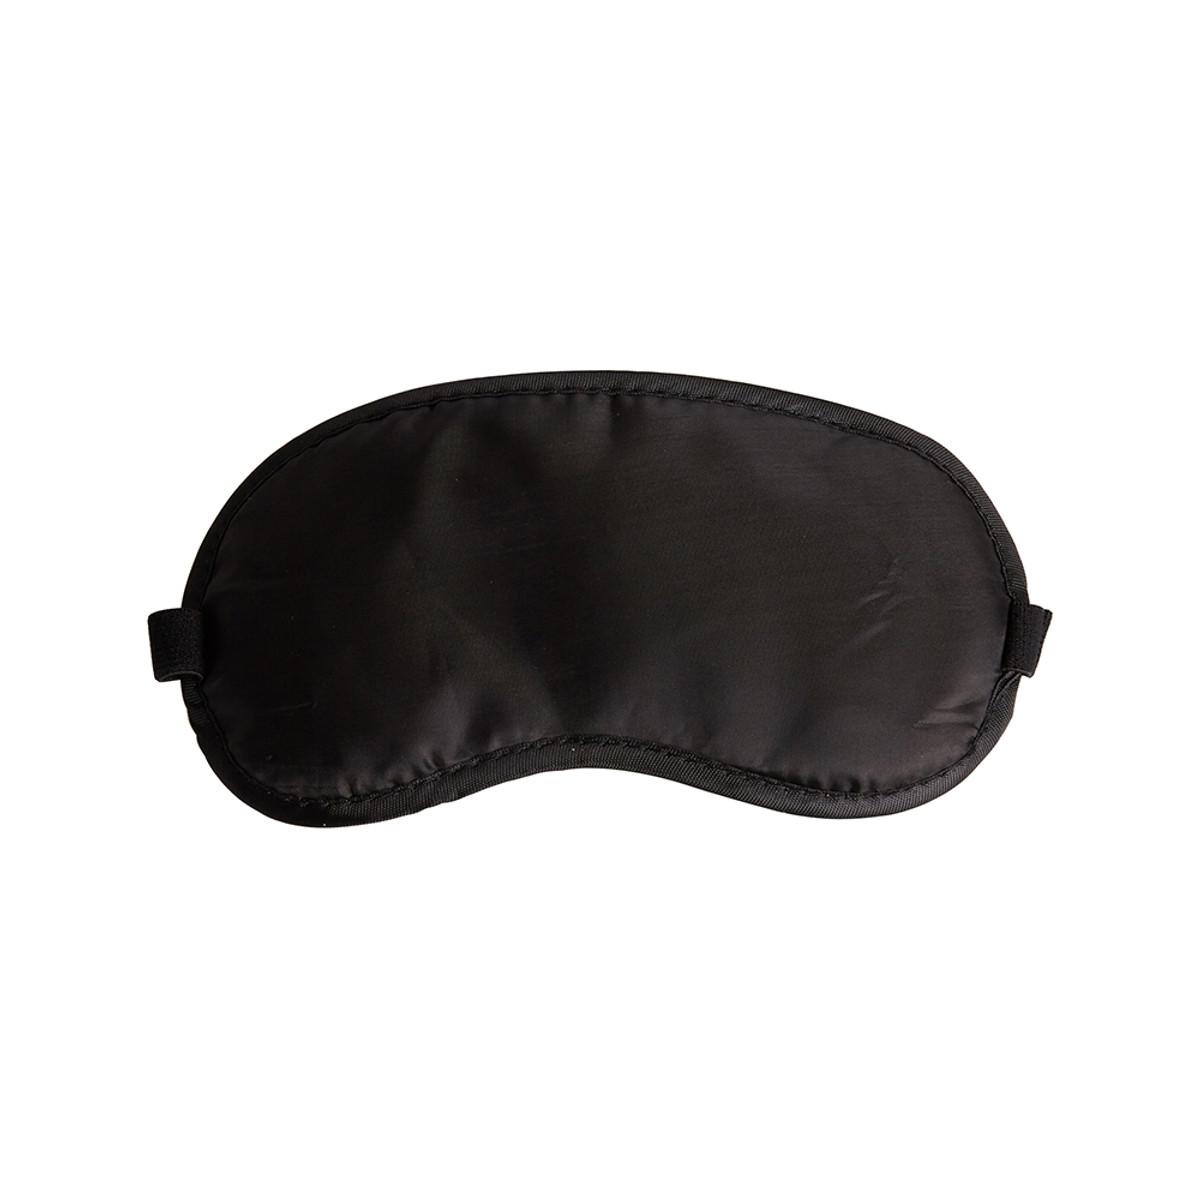 Globite Eye Sleeping mask with earplugs black